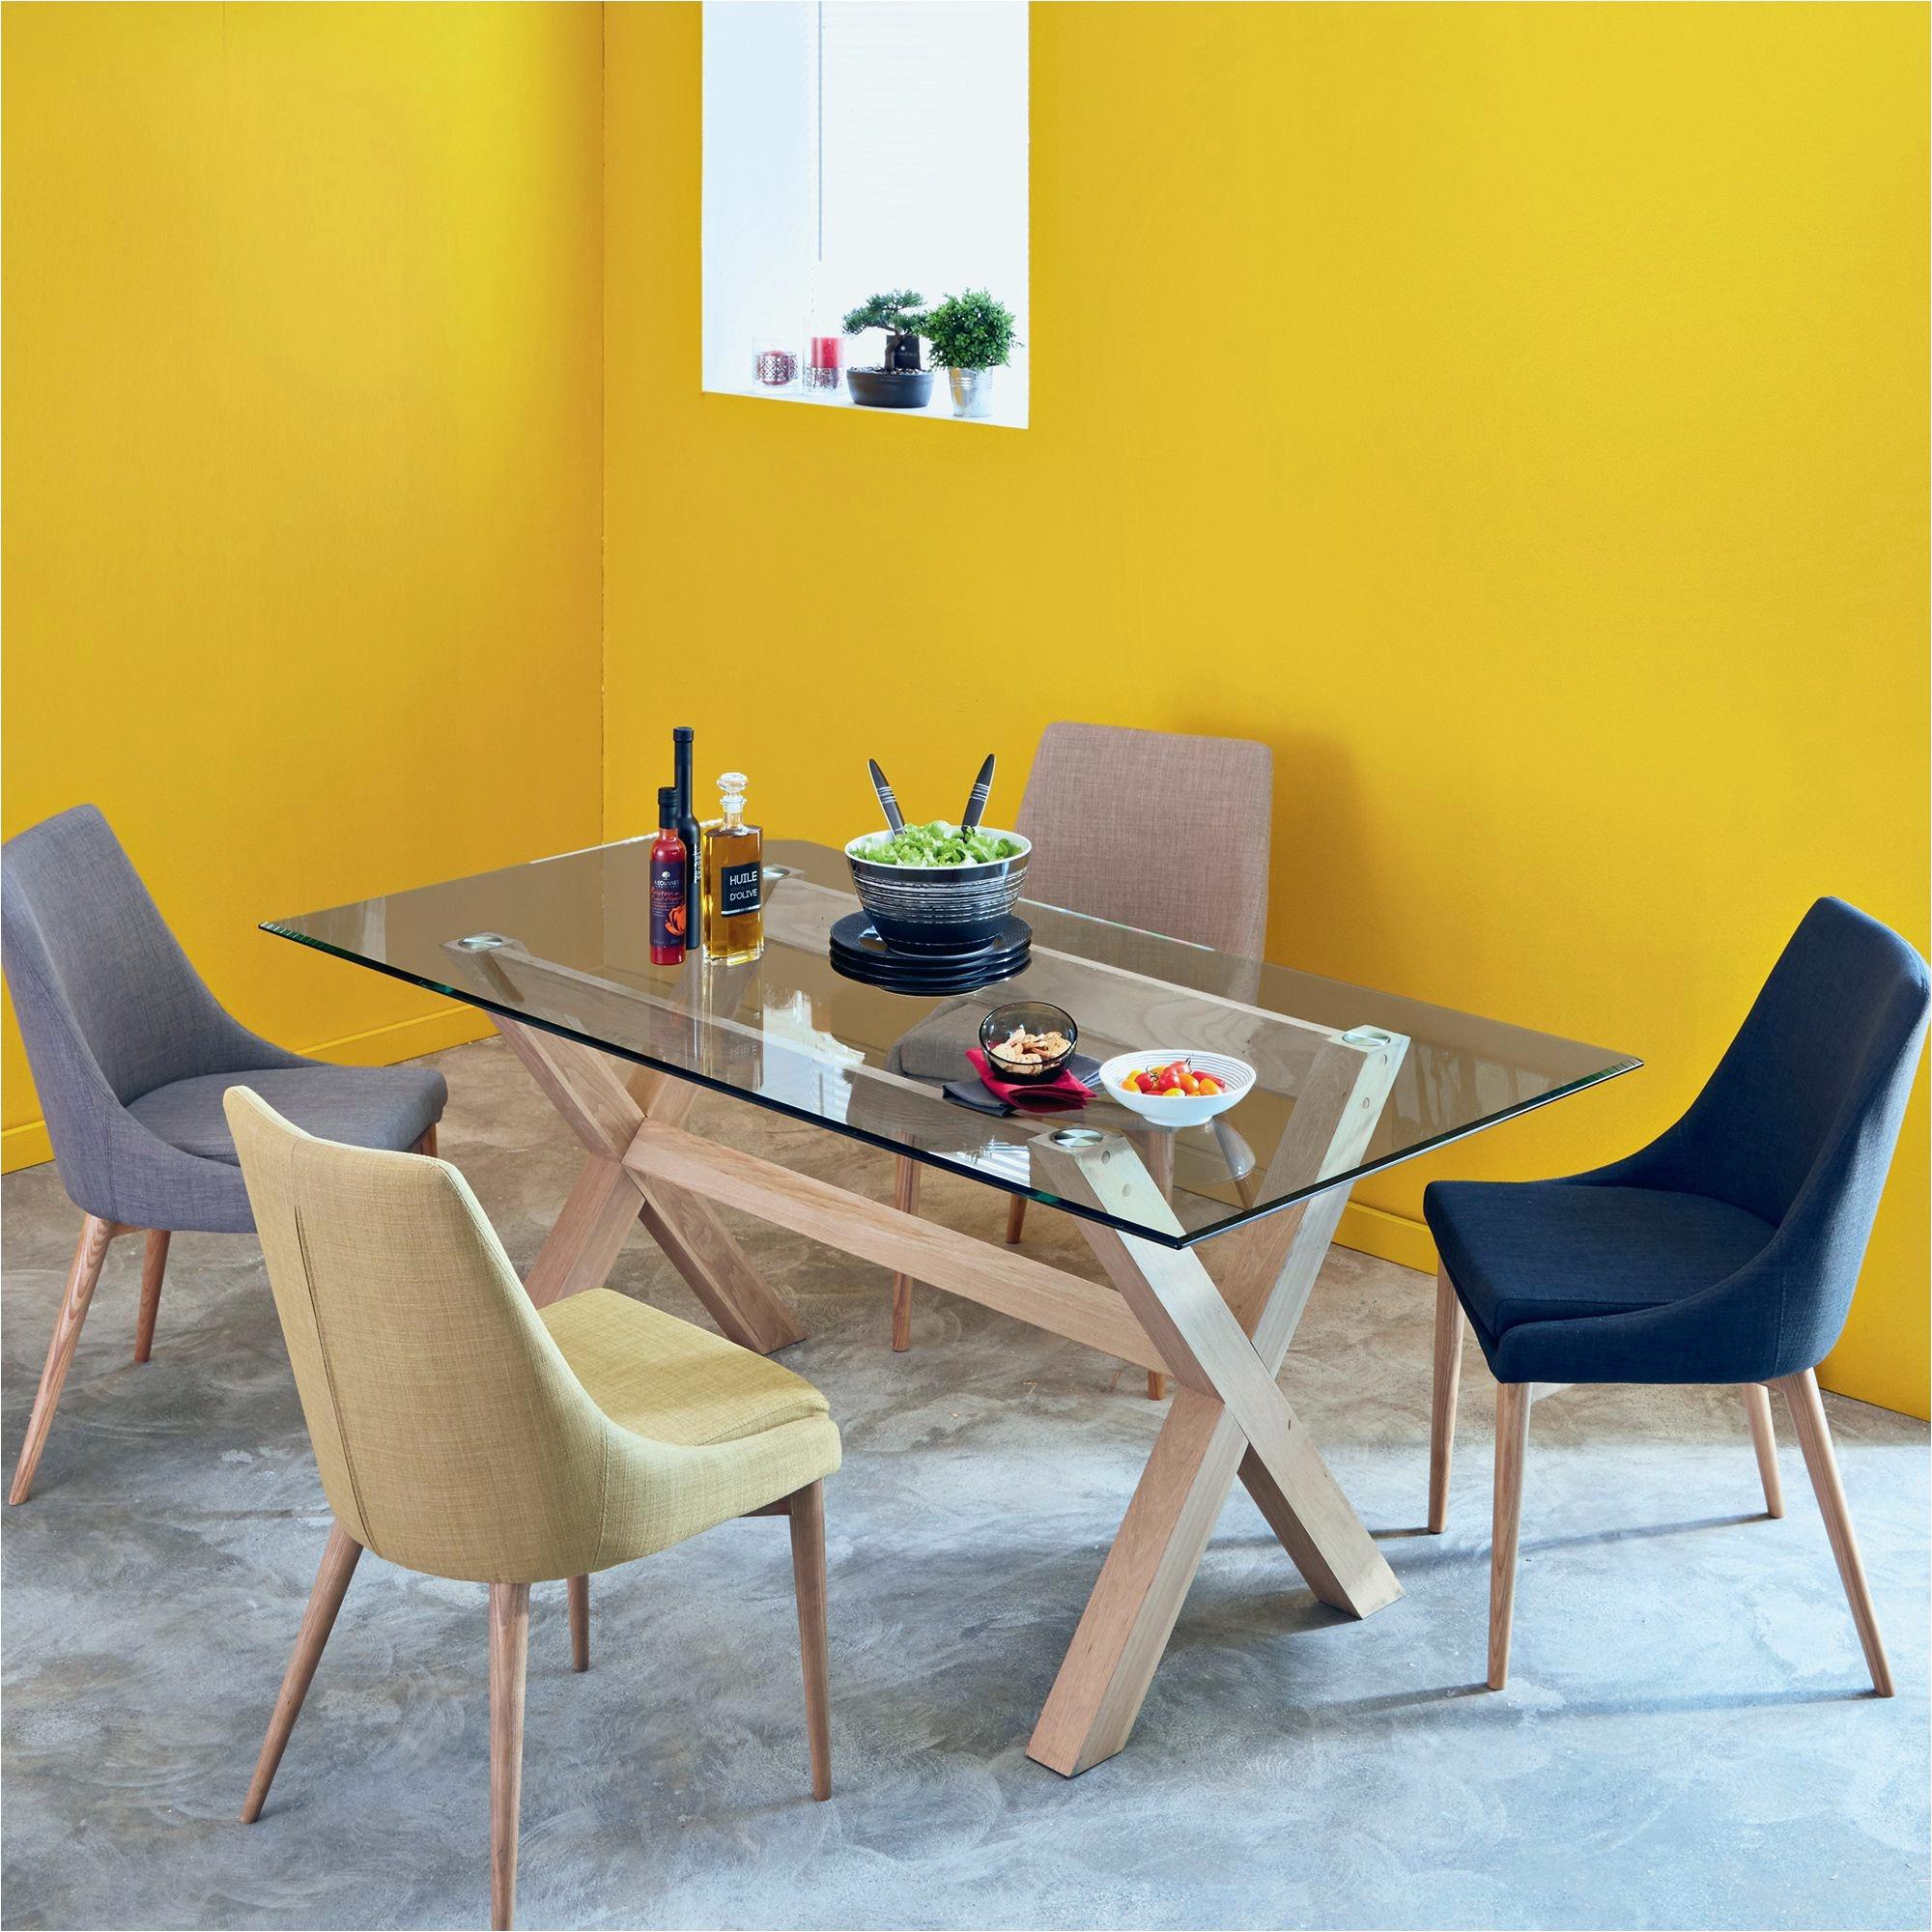 tabouret carrefour nouveau table et chaise pliante concernant clic clac tabouret carrefour nouveau table et chaise pliante canape 0d of